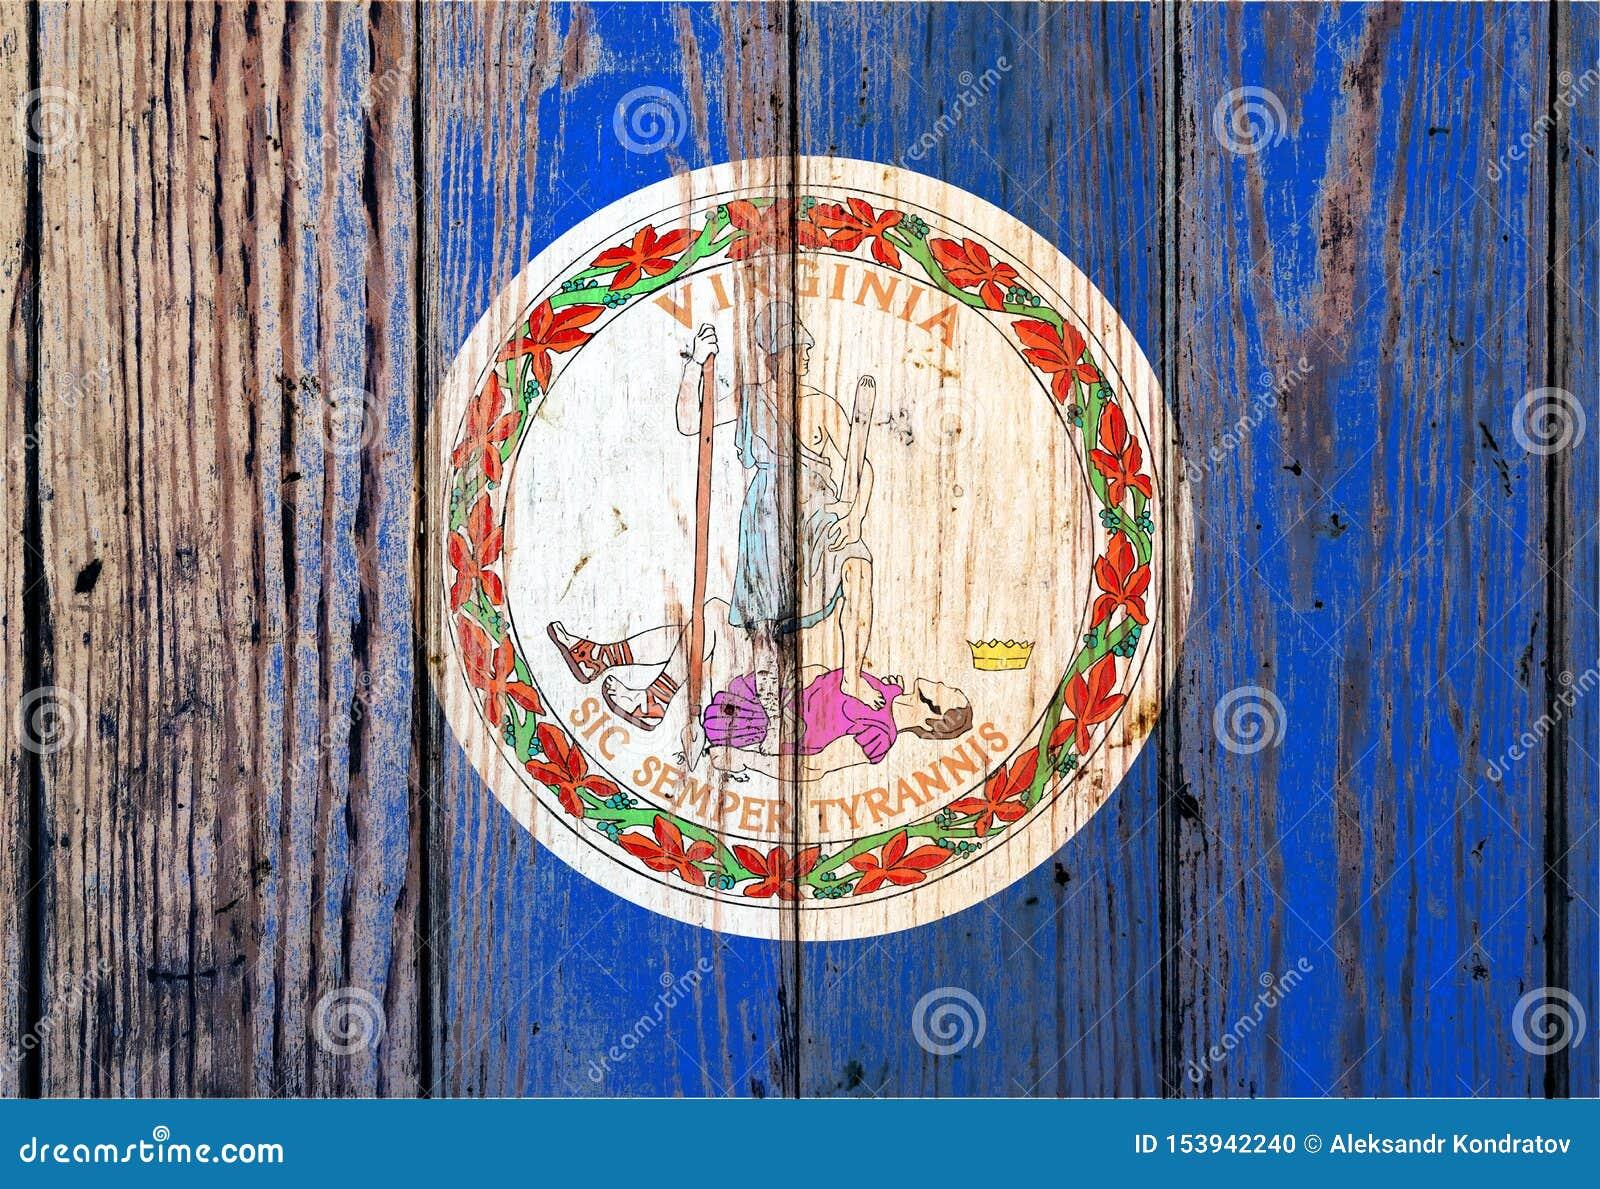 Virginia stanu usa flaga państowowa na szarym drewnianych desek tle w dzień niezależności w różnych kolorach błękitna czerwień i